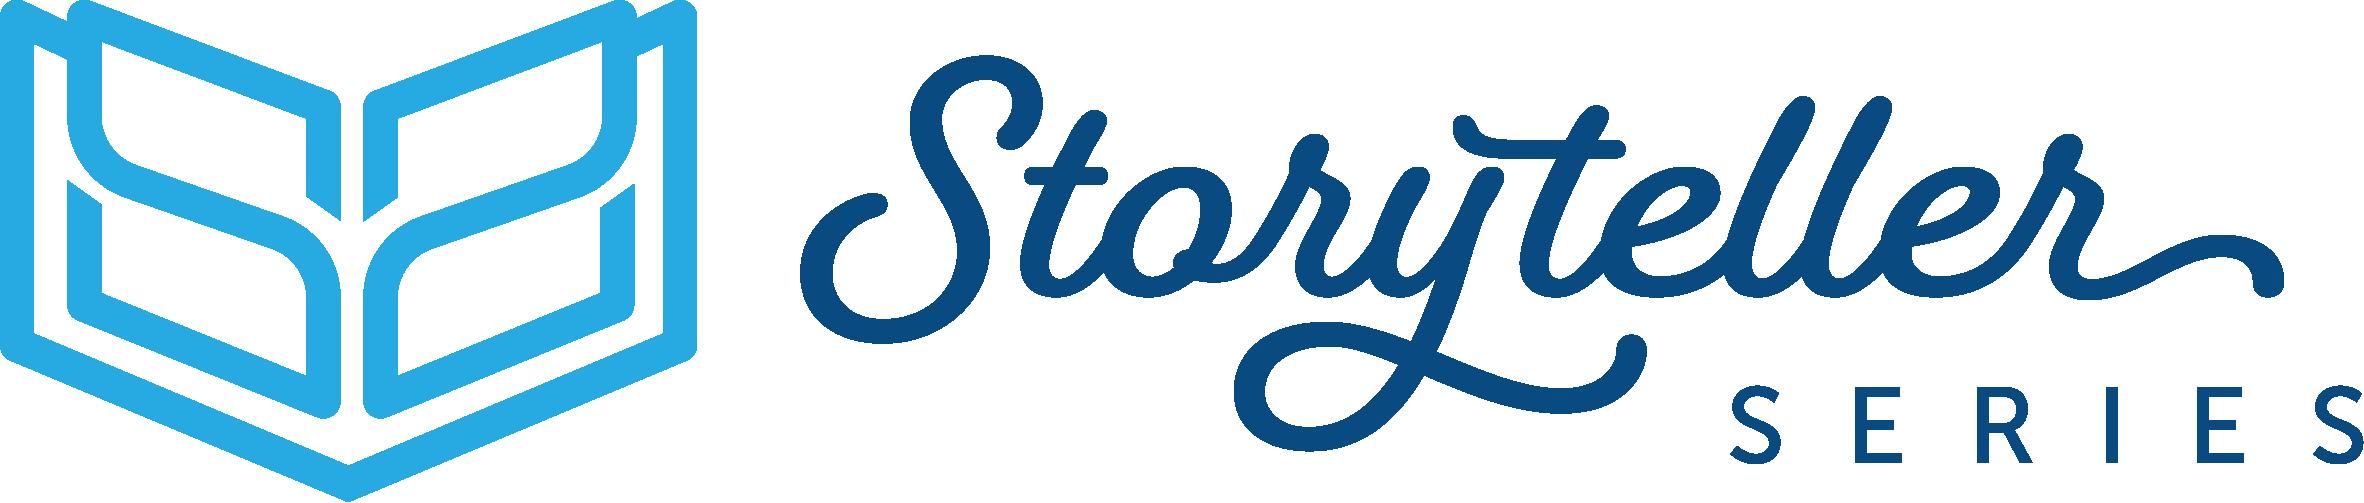 Storyteller Series Logo